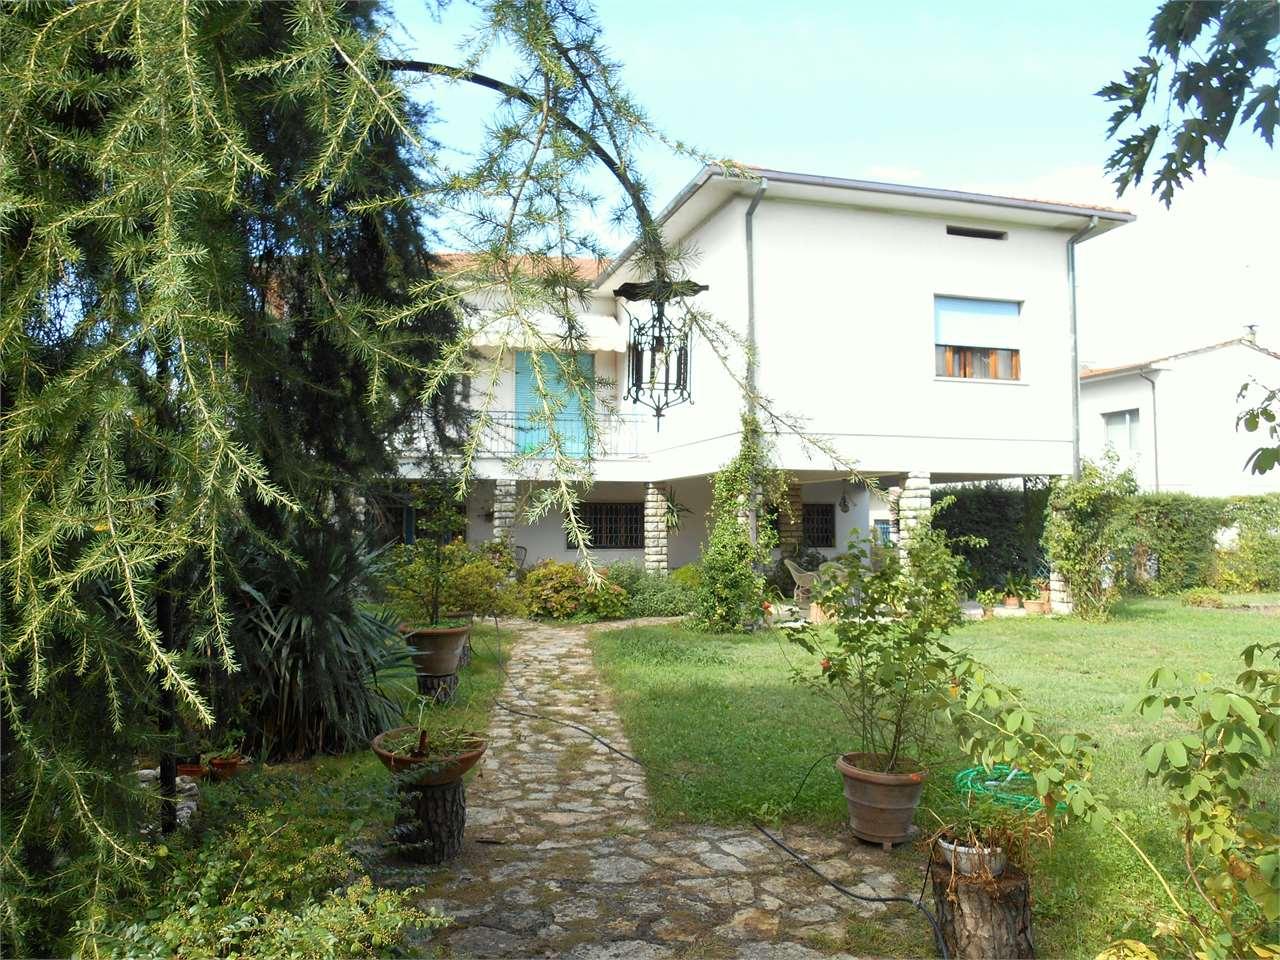 Villa in vendita a Lucca, 11 locali, prezzo € 410.000 | Cambio Casa.it